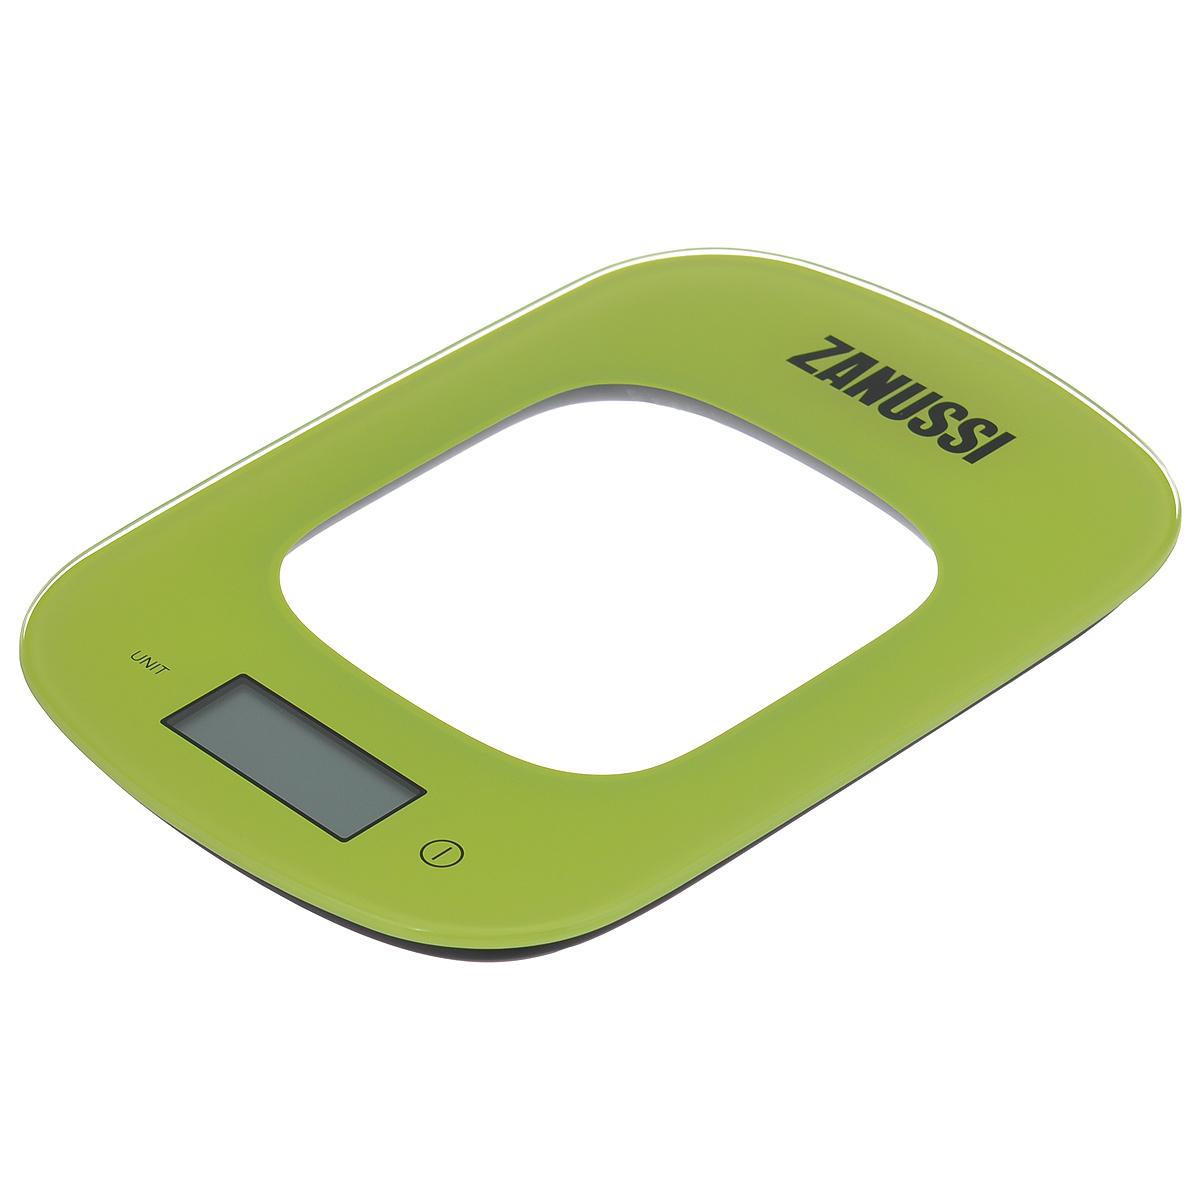 """Весы кухонные Zanussi """"Venezia"""", электронные, цвет: зеленый, до 5 кг ZSE22222DF"""